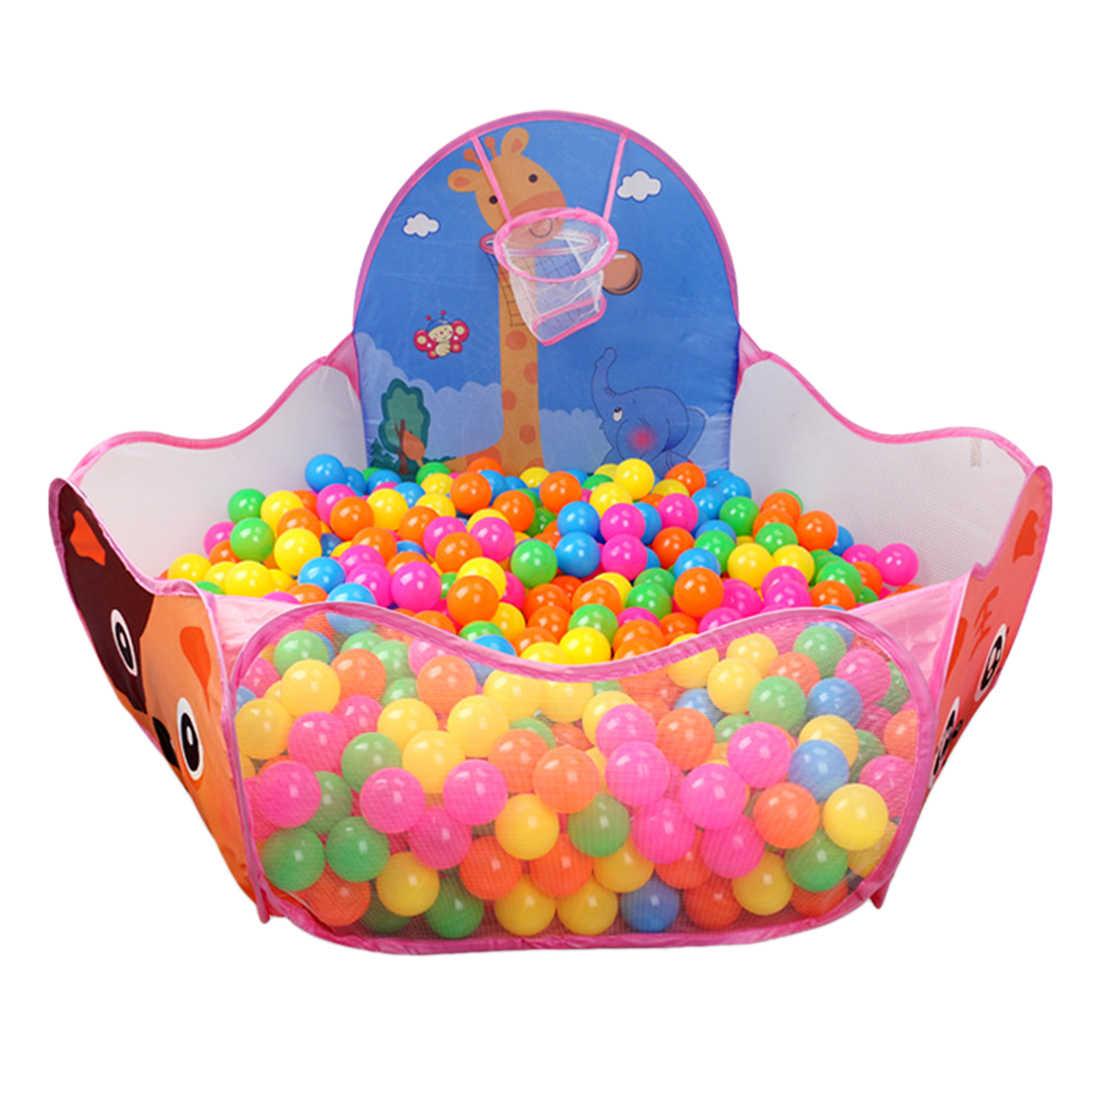 Portabel Lucu Hexagon Polka Titik Anak-anak Playpen Bola Pit Dalam Luar Ruangan Praktis Lipat Permainan Tent Rumah dengan Tote Tas- tanpa Bola